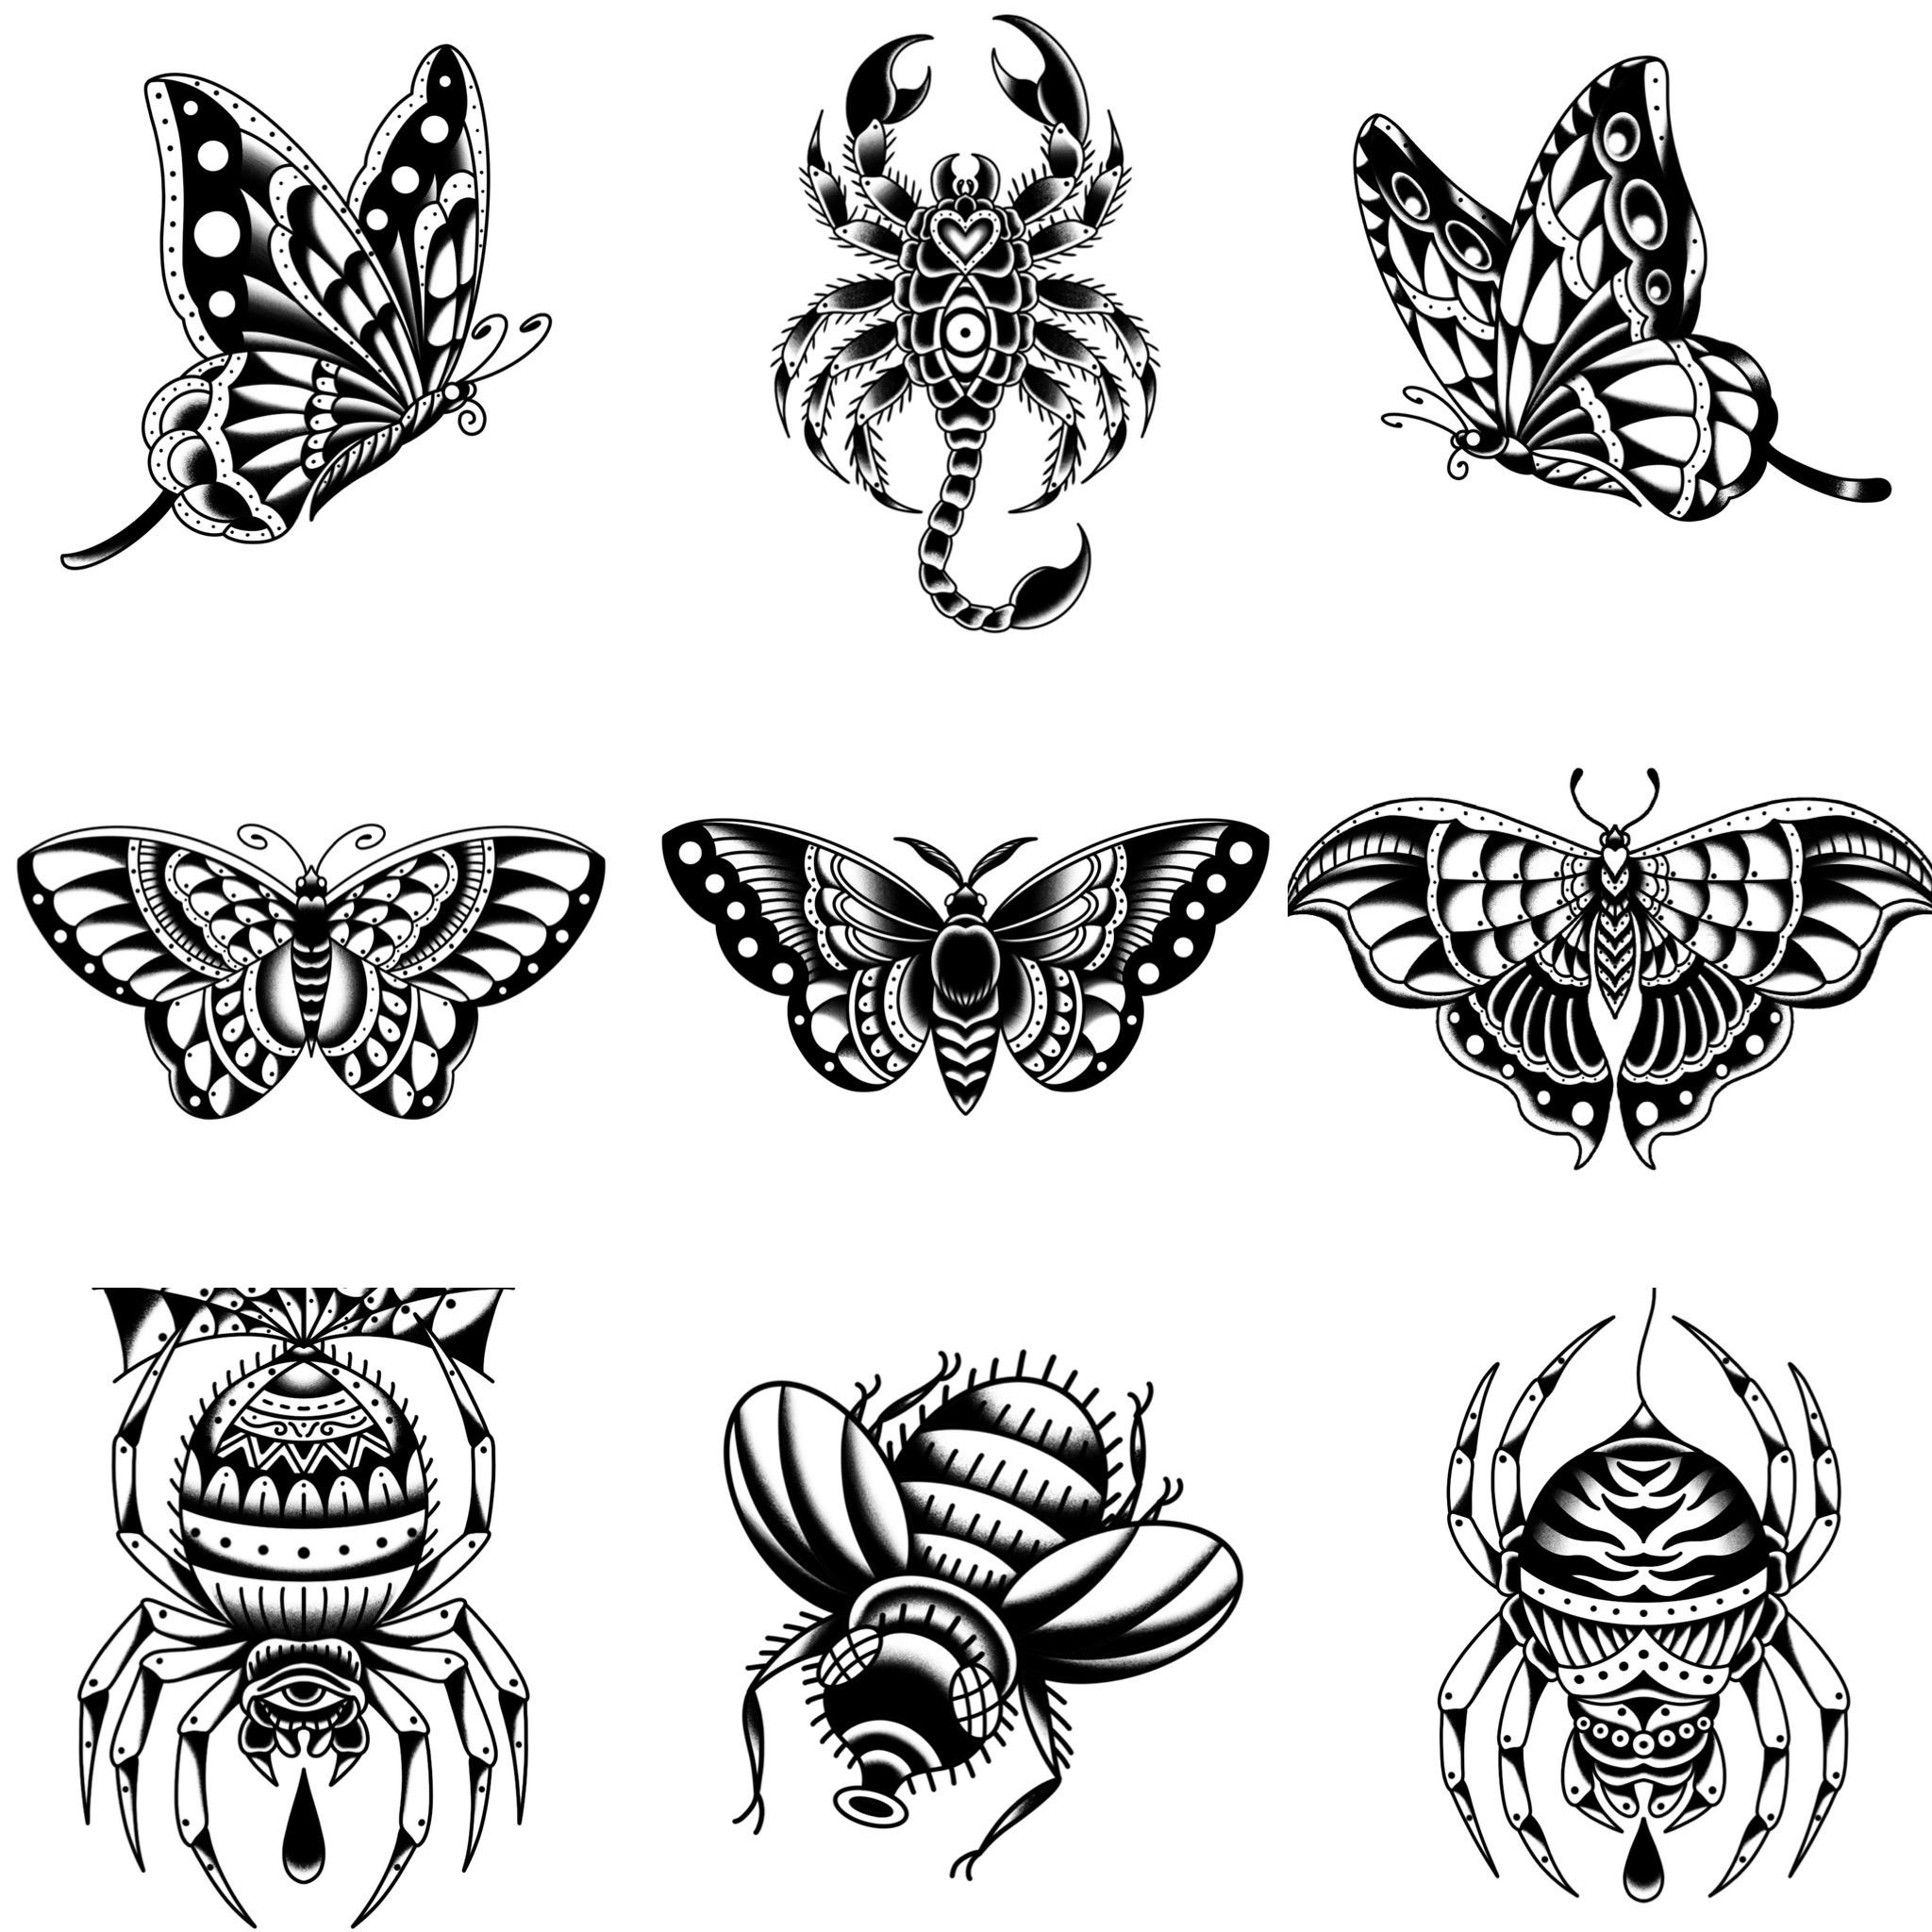 ブラックトラディショナル トラディショナルの昆虫デザイン タトゥーデザイン トラディショナル 《東京タトゥースタジオ》